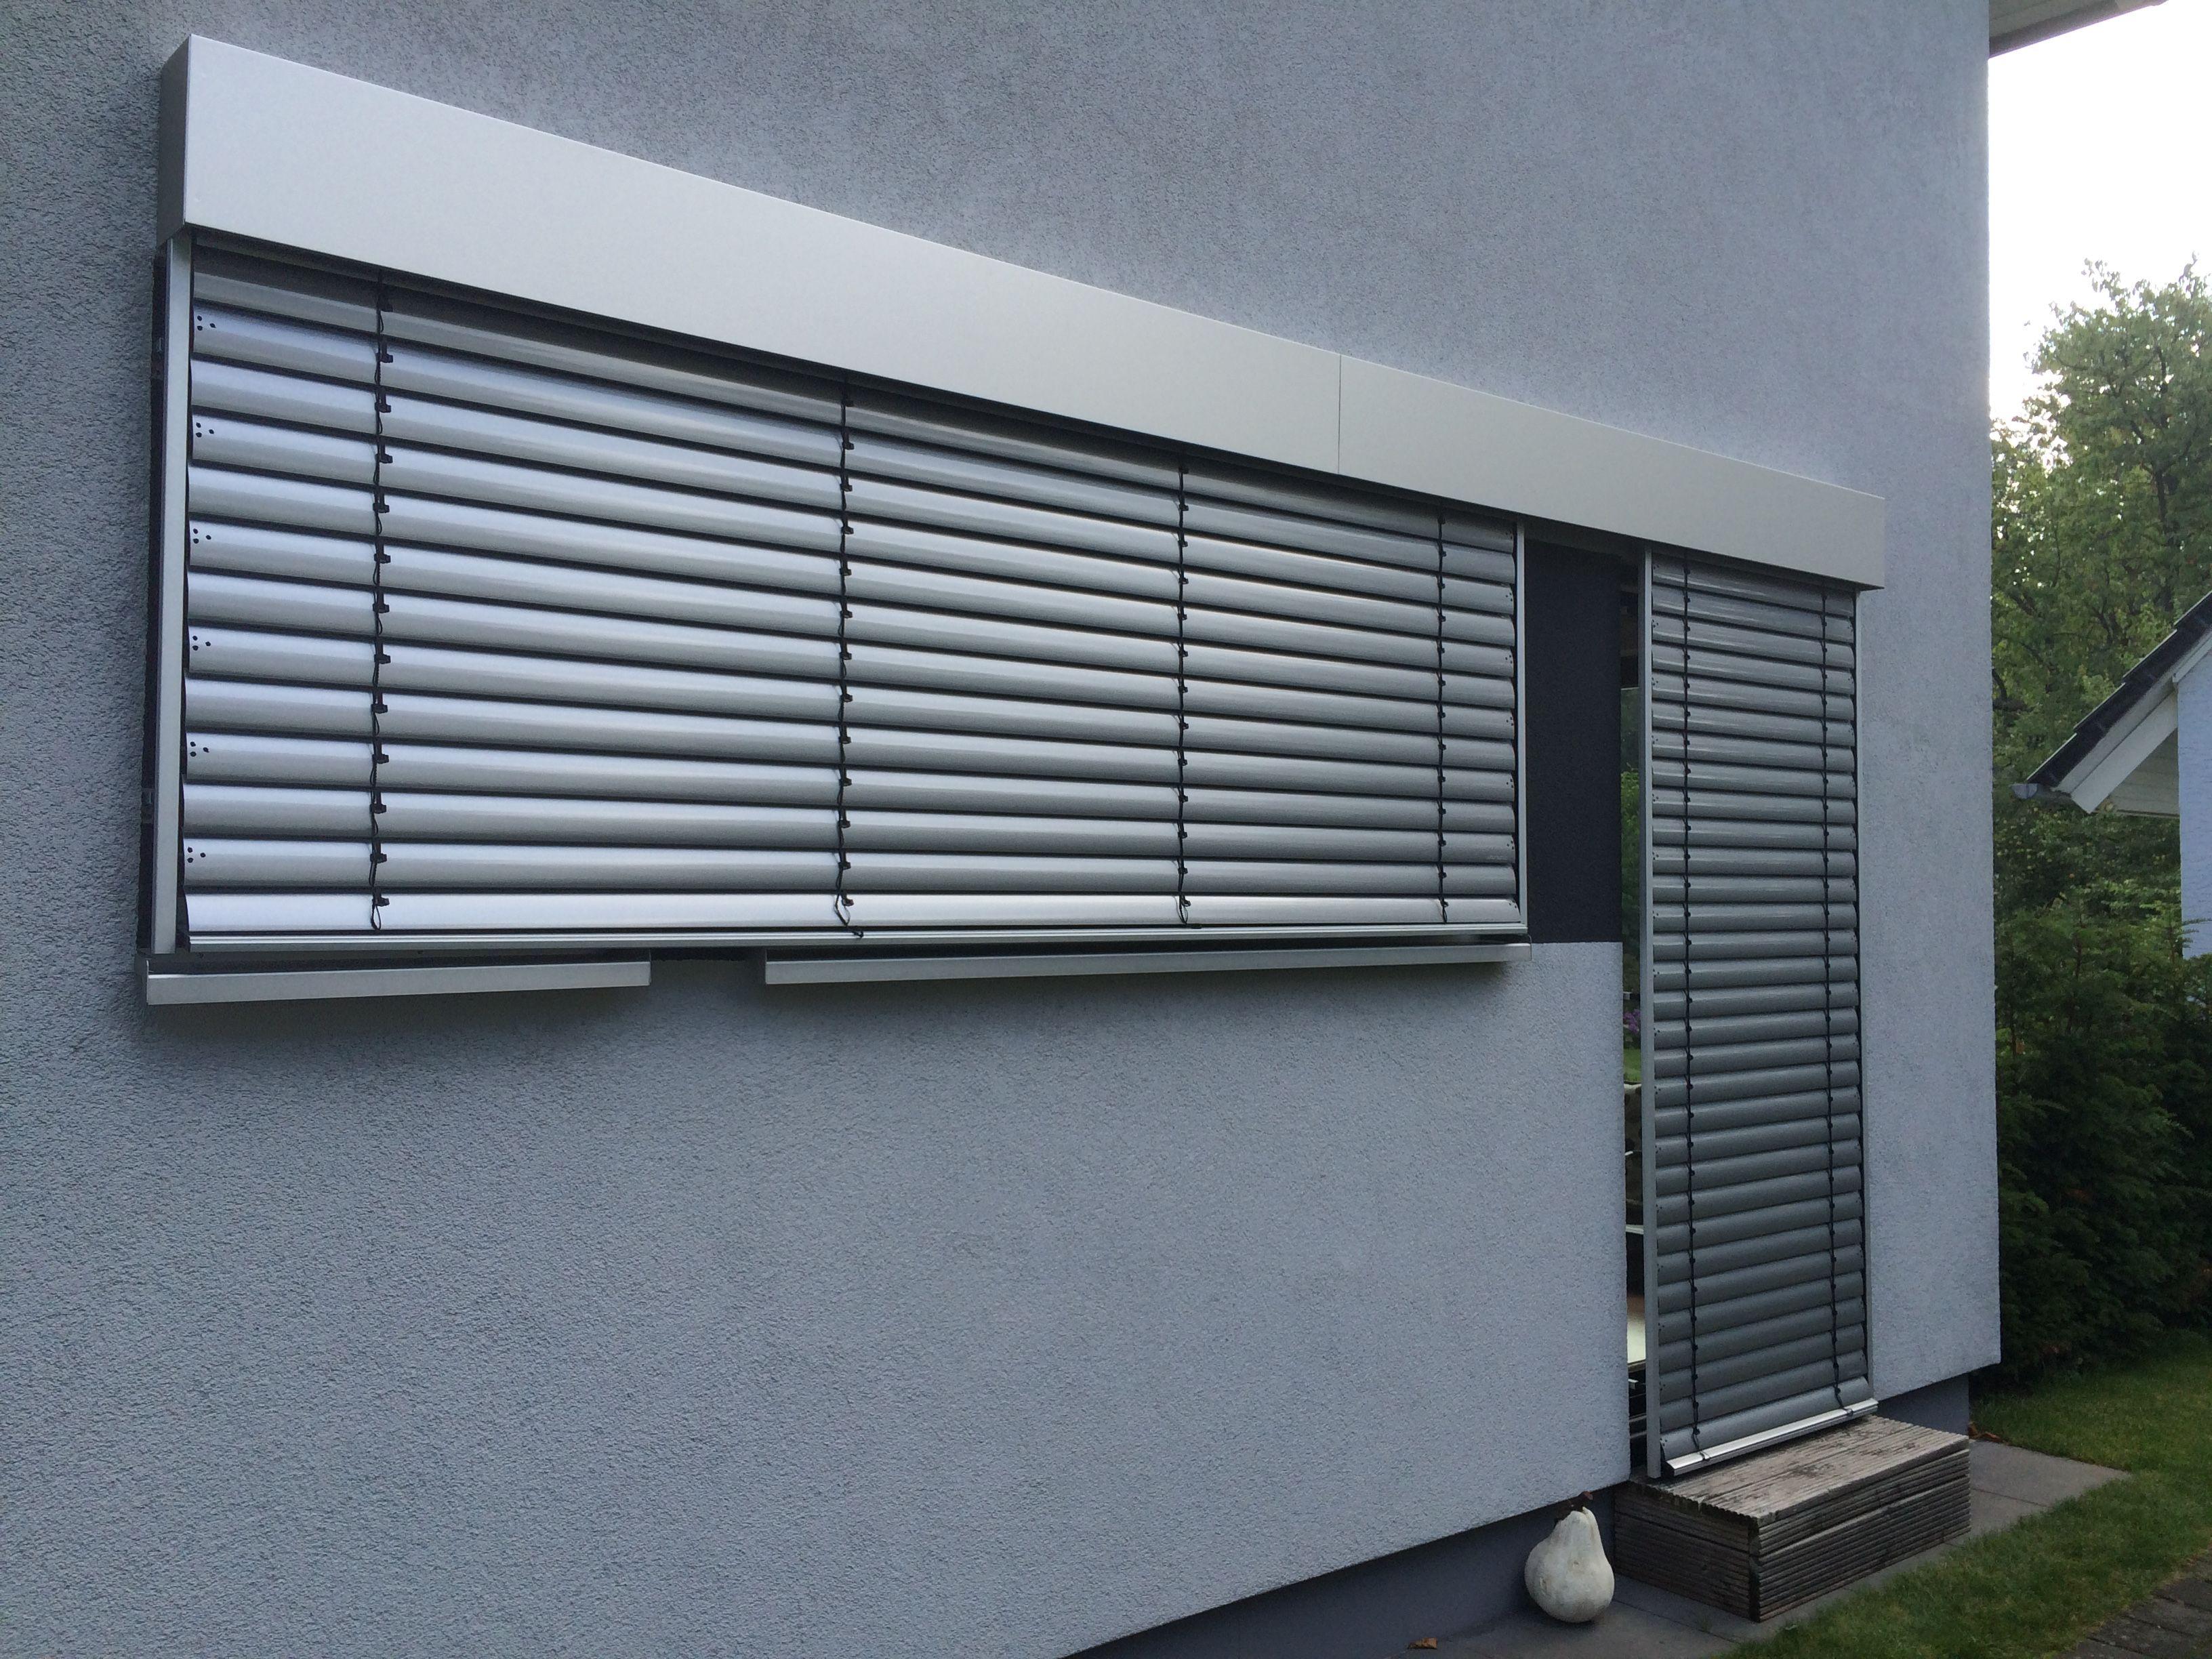 Raffstoreanlagen mit Aluminium-Blende. Vom Sonnenschutz-Fachbetrieb ...